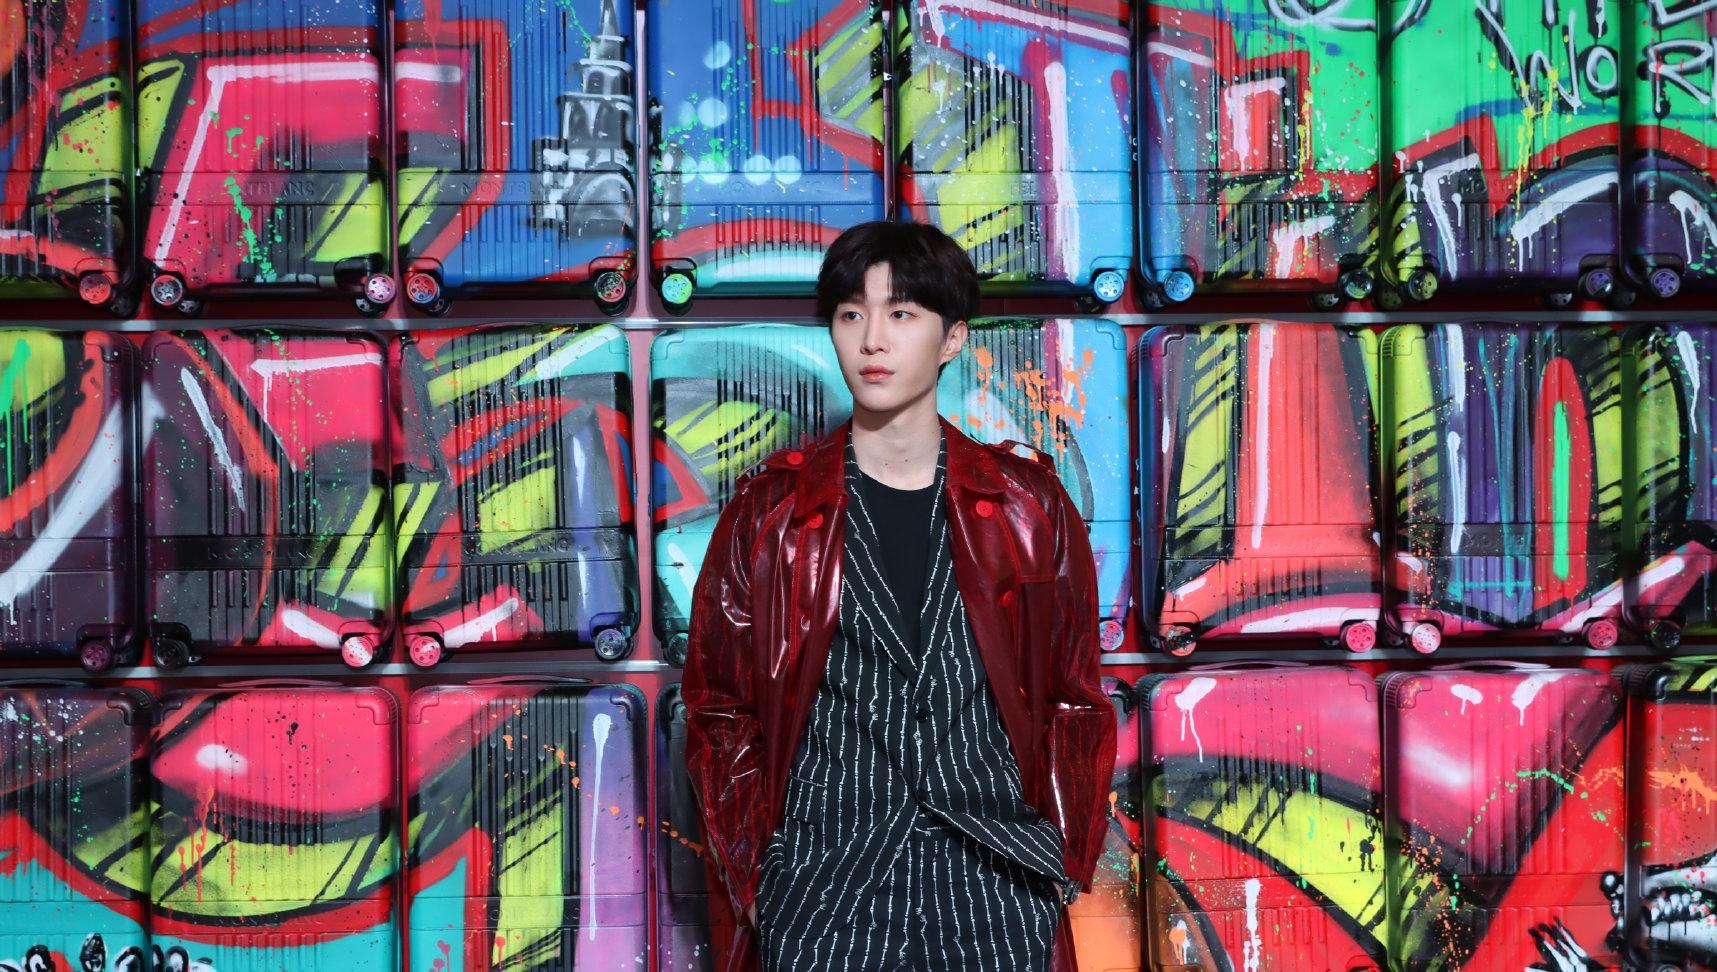 范丞丞今日活动图,红色PVC外套搭配黑色条纹西装,弟弟身材比例不错